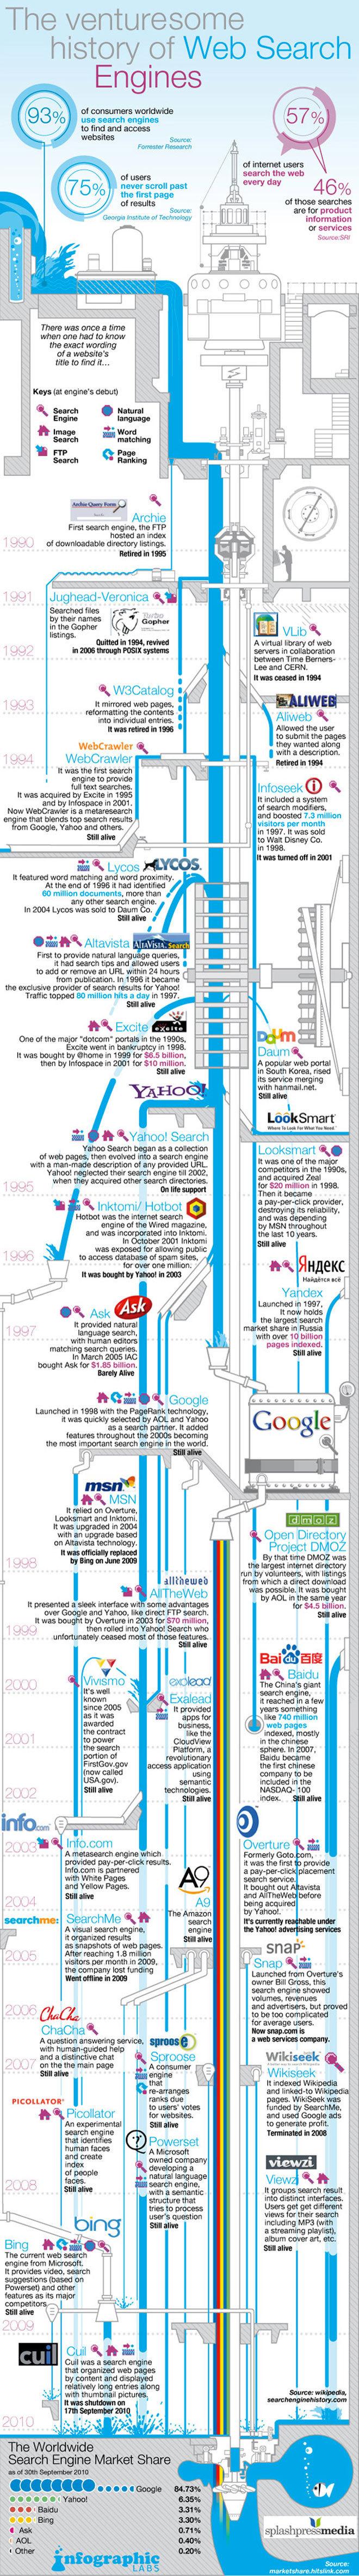 L'histoire des moteurs de recherche